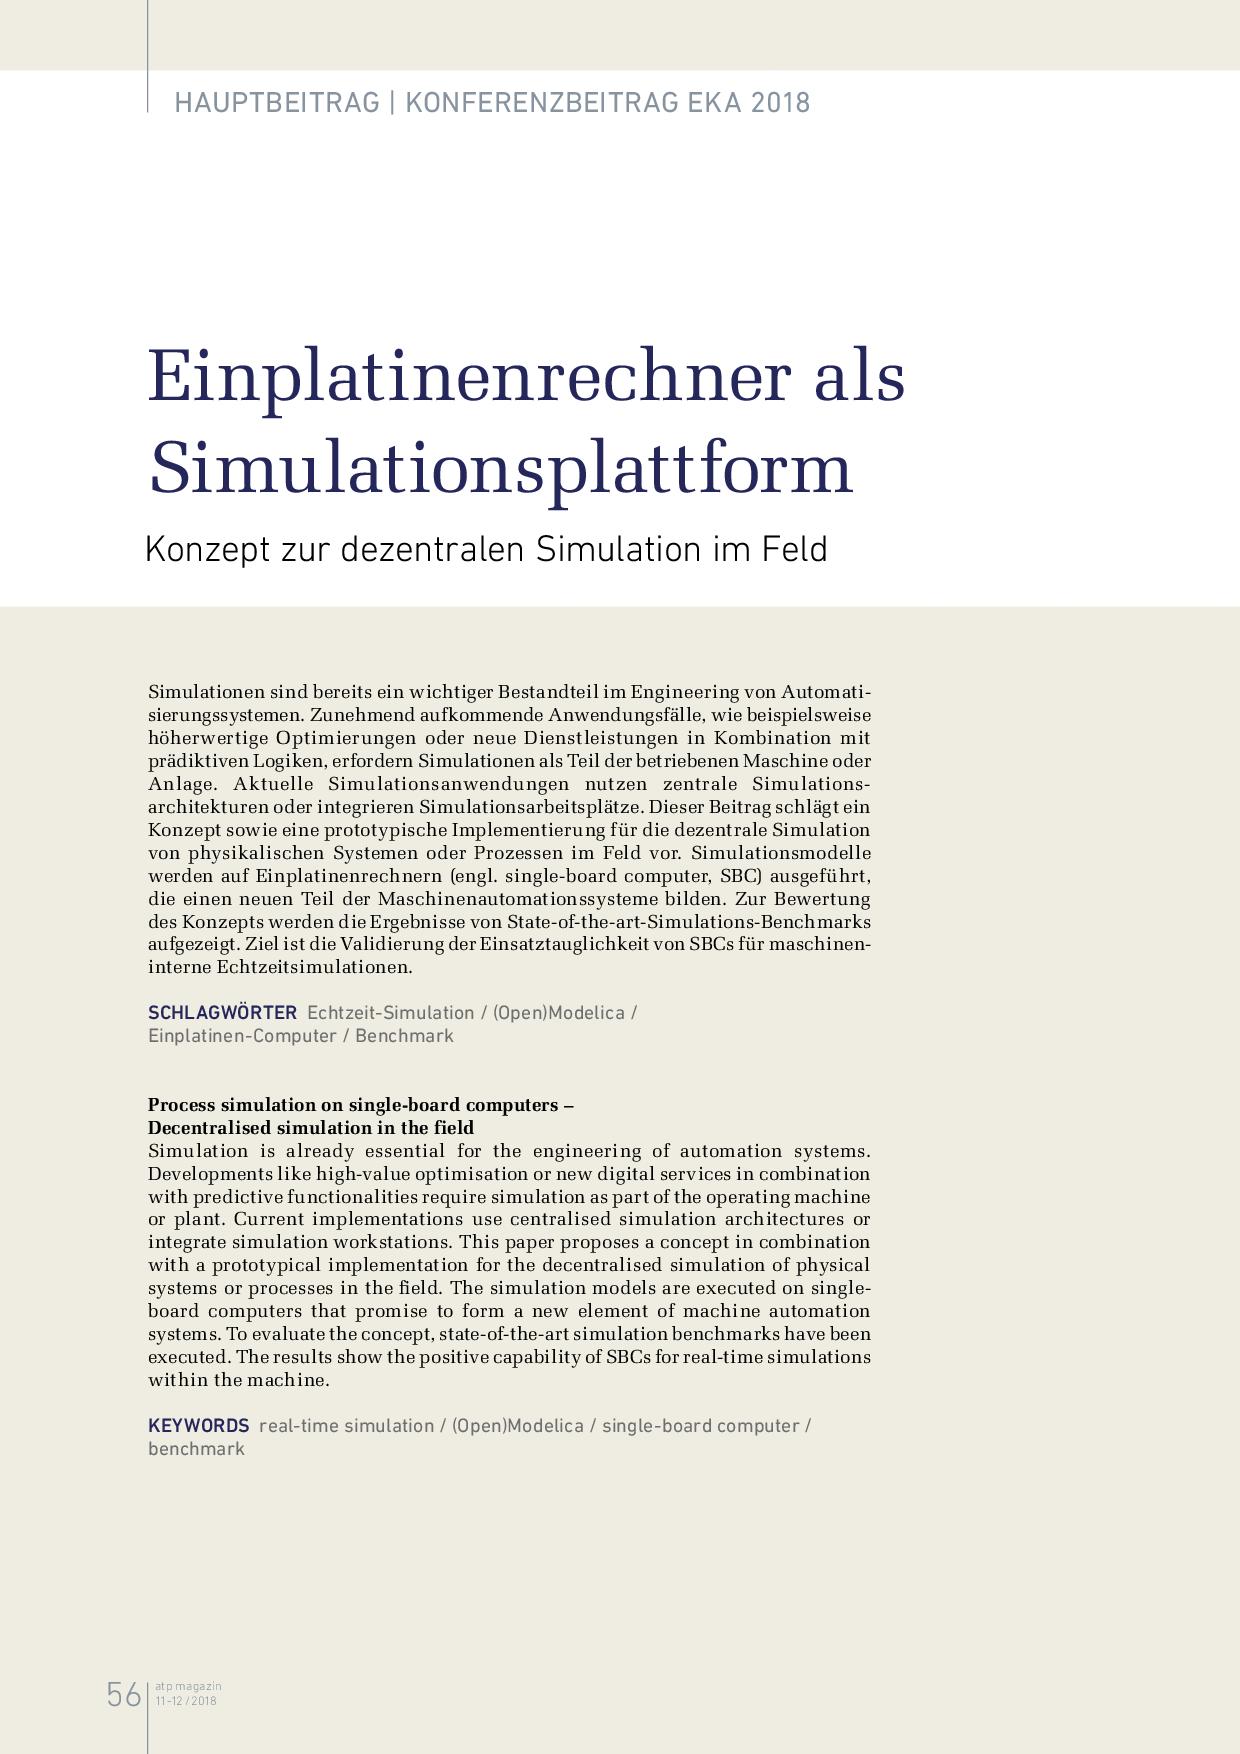 Einplatinenrechner als Simulationsplattform